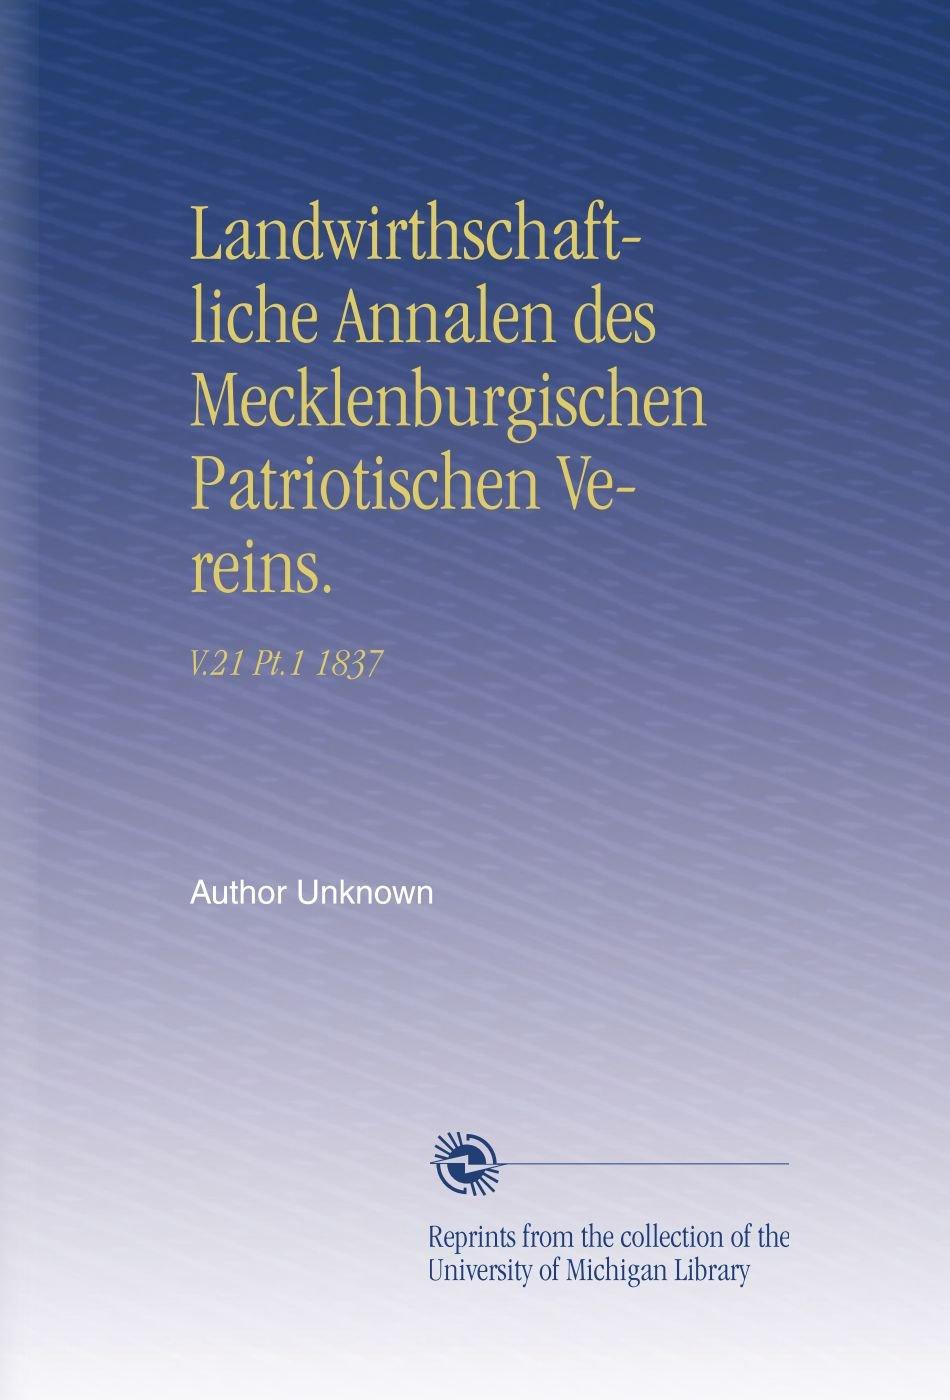 Landwirthschaftliche Annalen des Mecklenburgischen Patriotischen Vereins.: V.21 Pt.1 1837 (German Edition) ebook